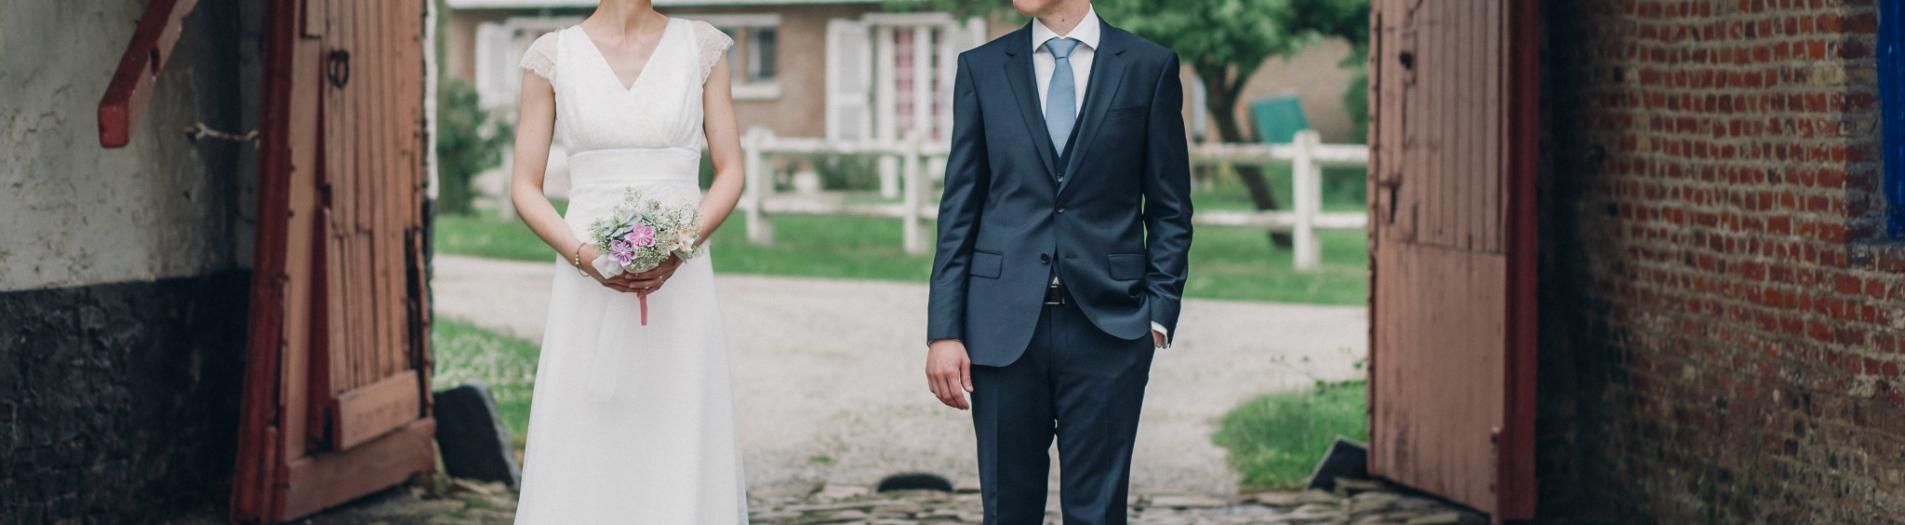 Mariage | Pauline & Vincent | Clairmarais